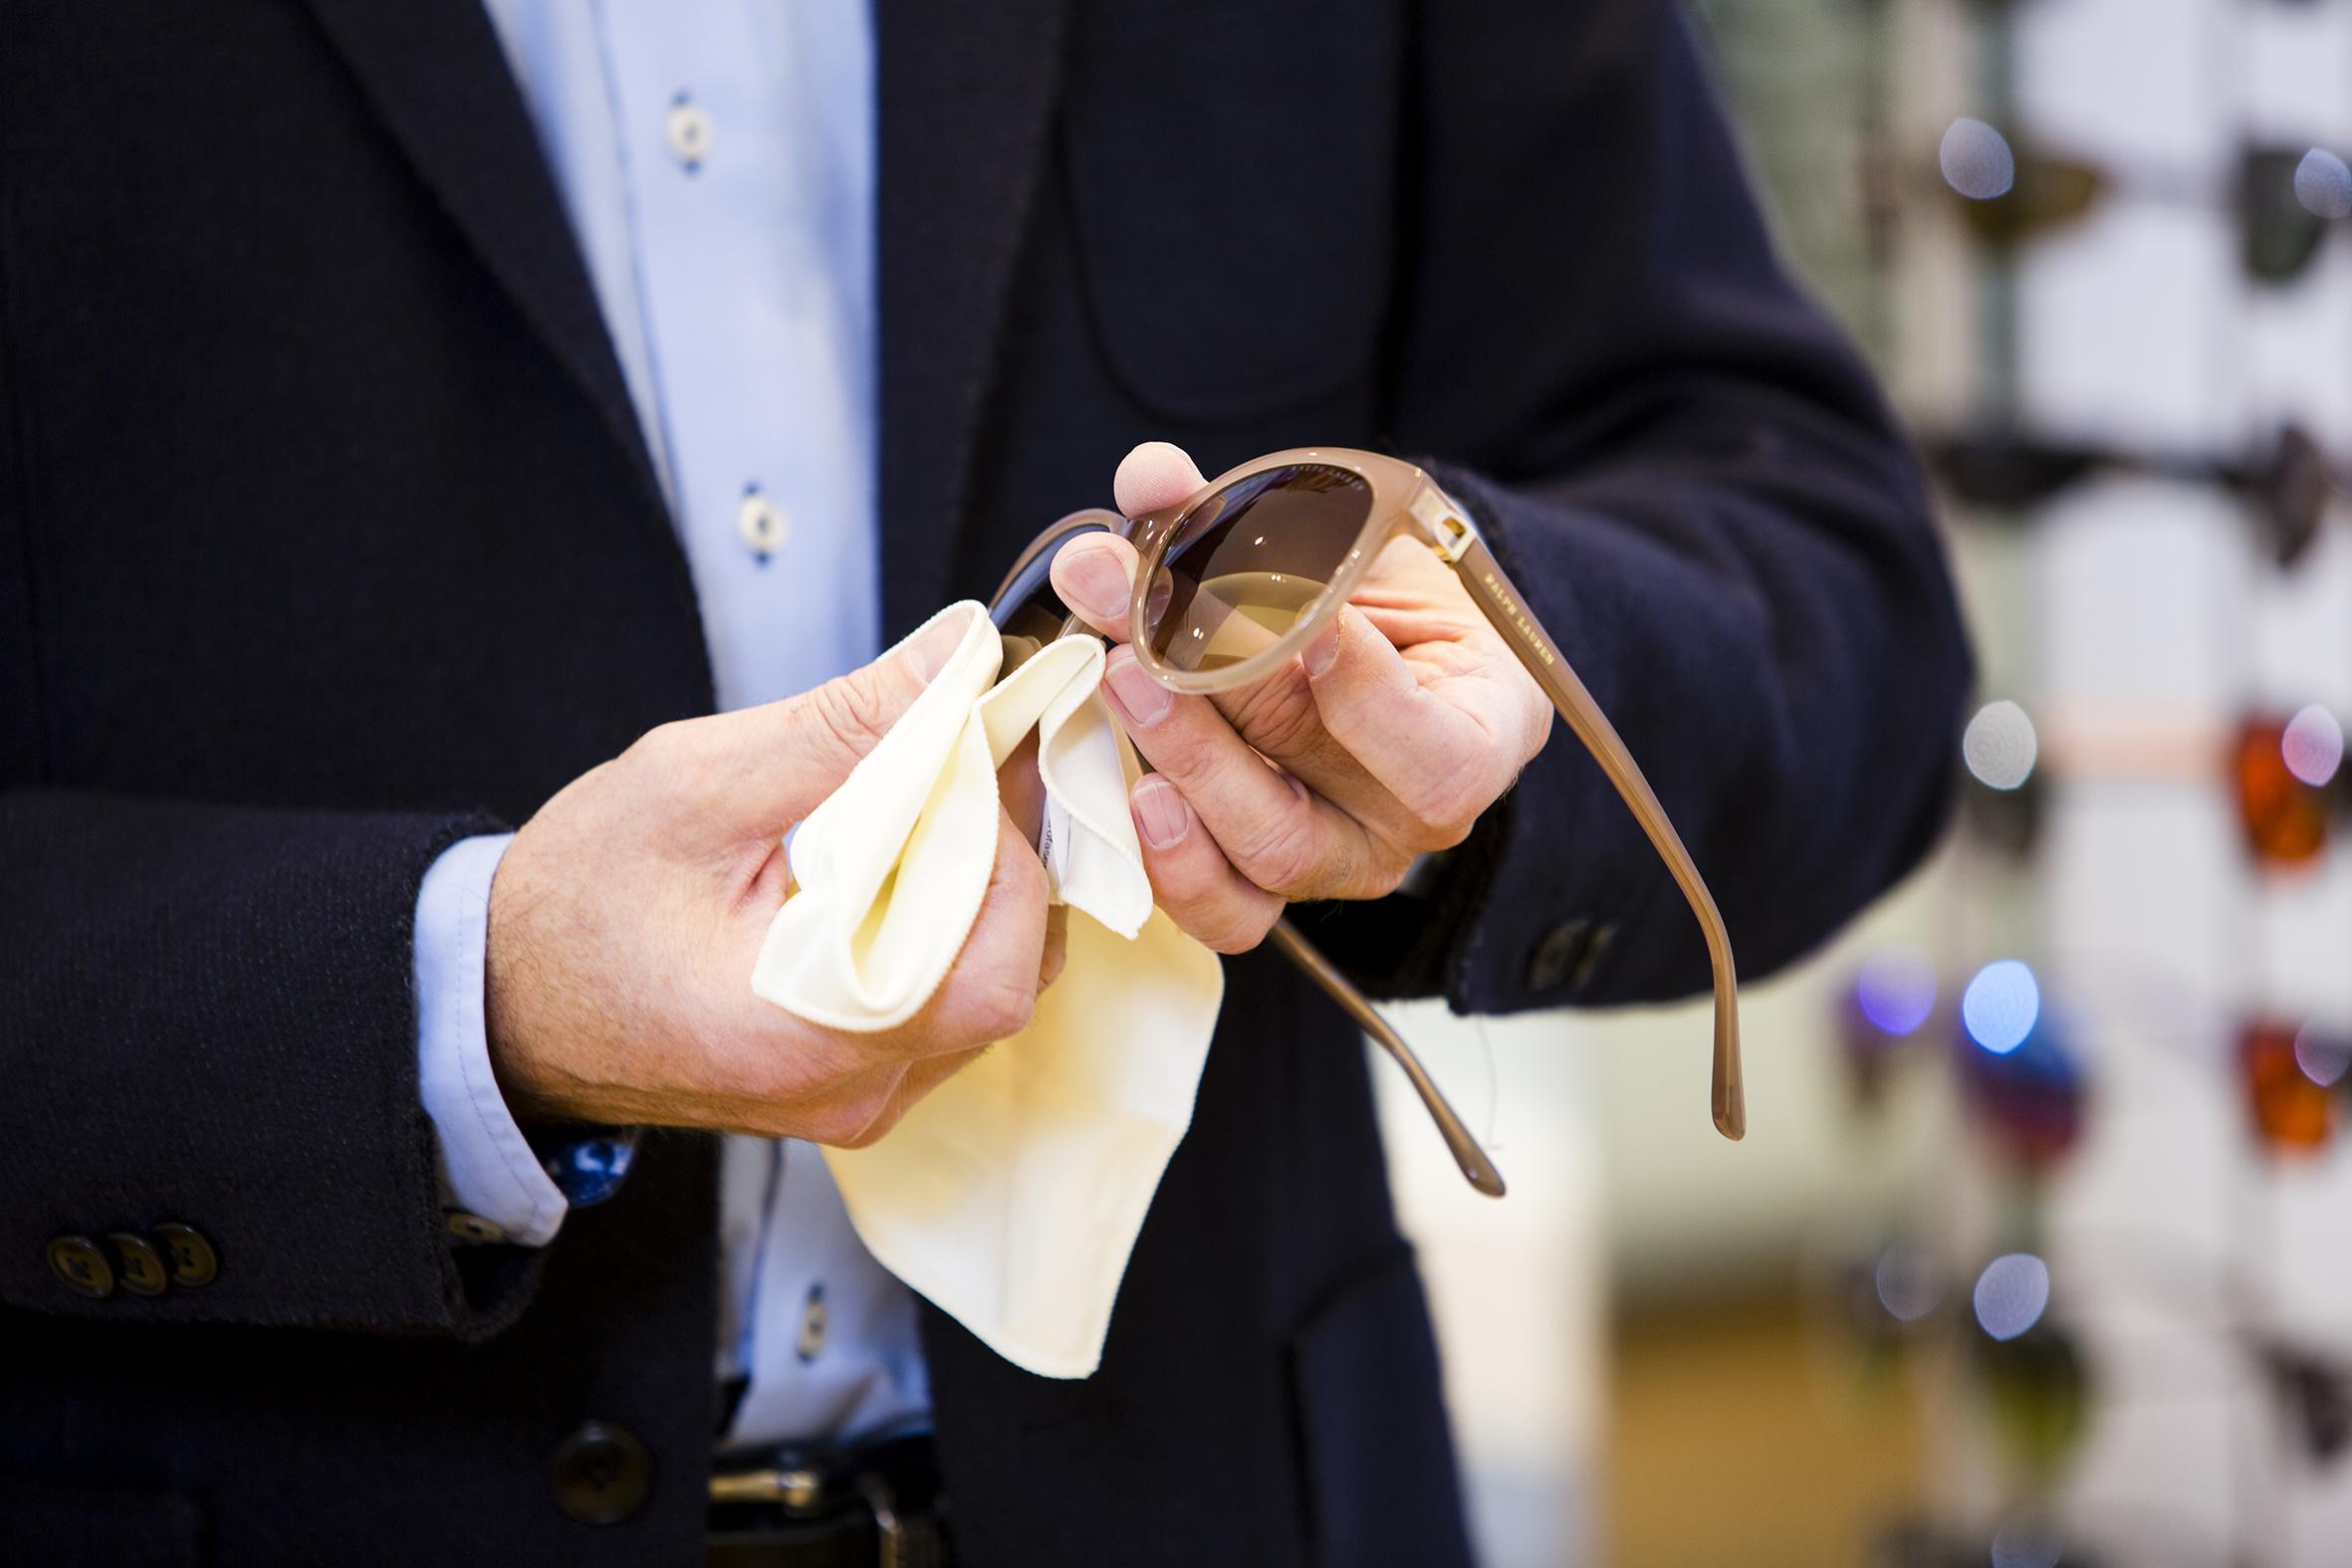 Brillengläser mit Oberflächenveredelung, robuster, schmutzabweisend, leichter zu reinigen